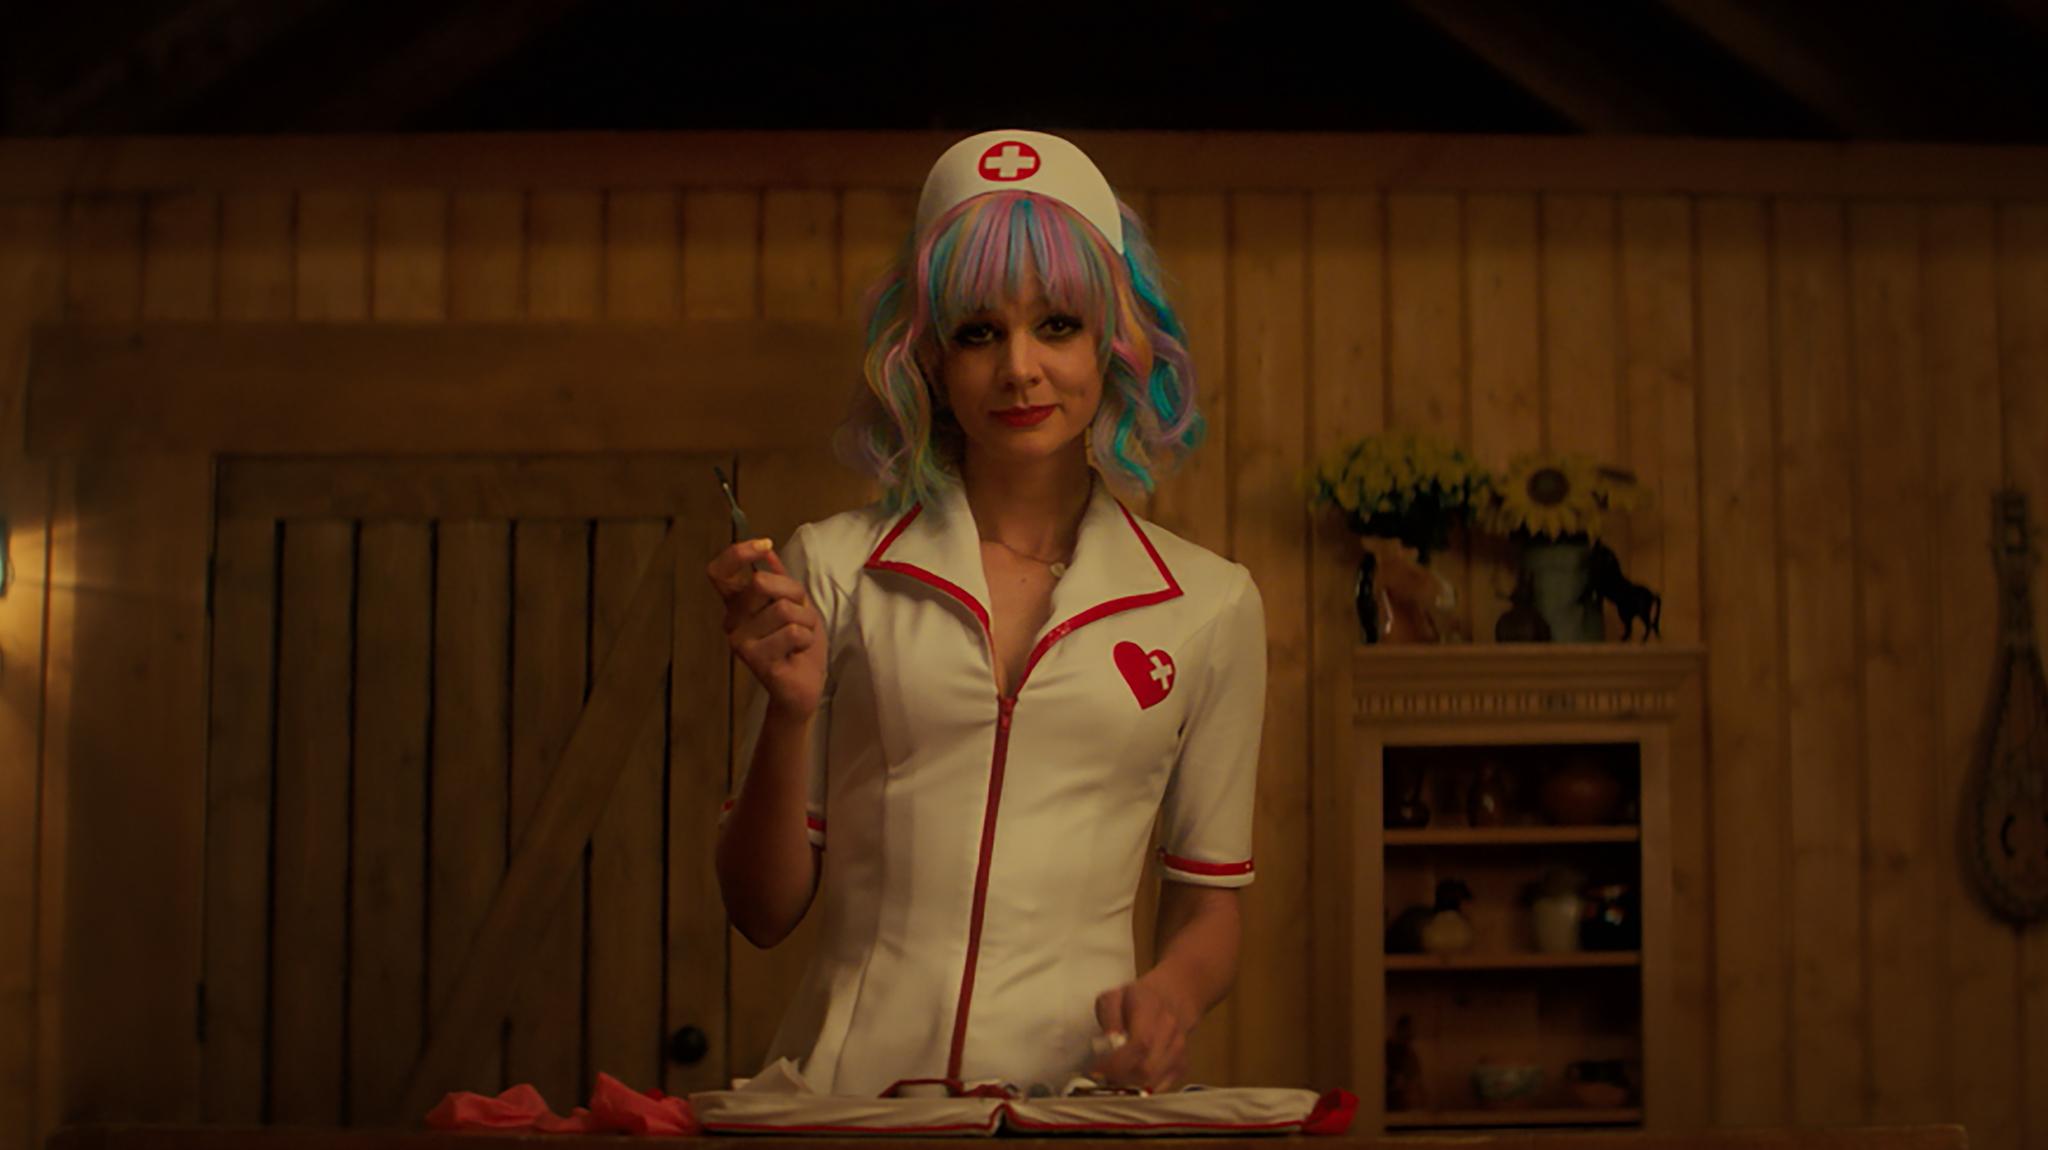 Carey Mulligan interpreta a Cassie, una joven que busca vengarse de los hombres.